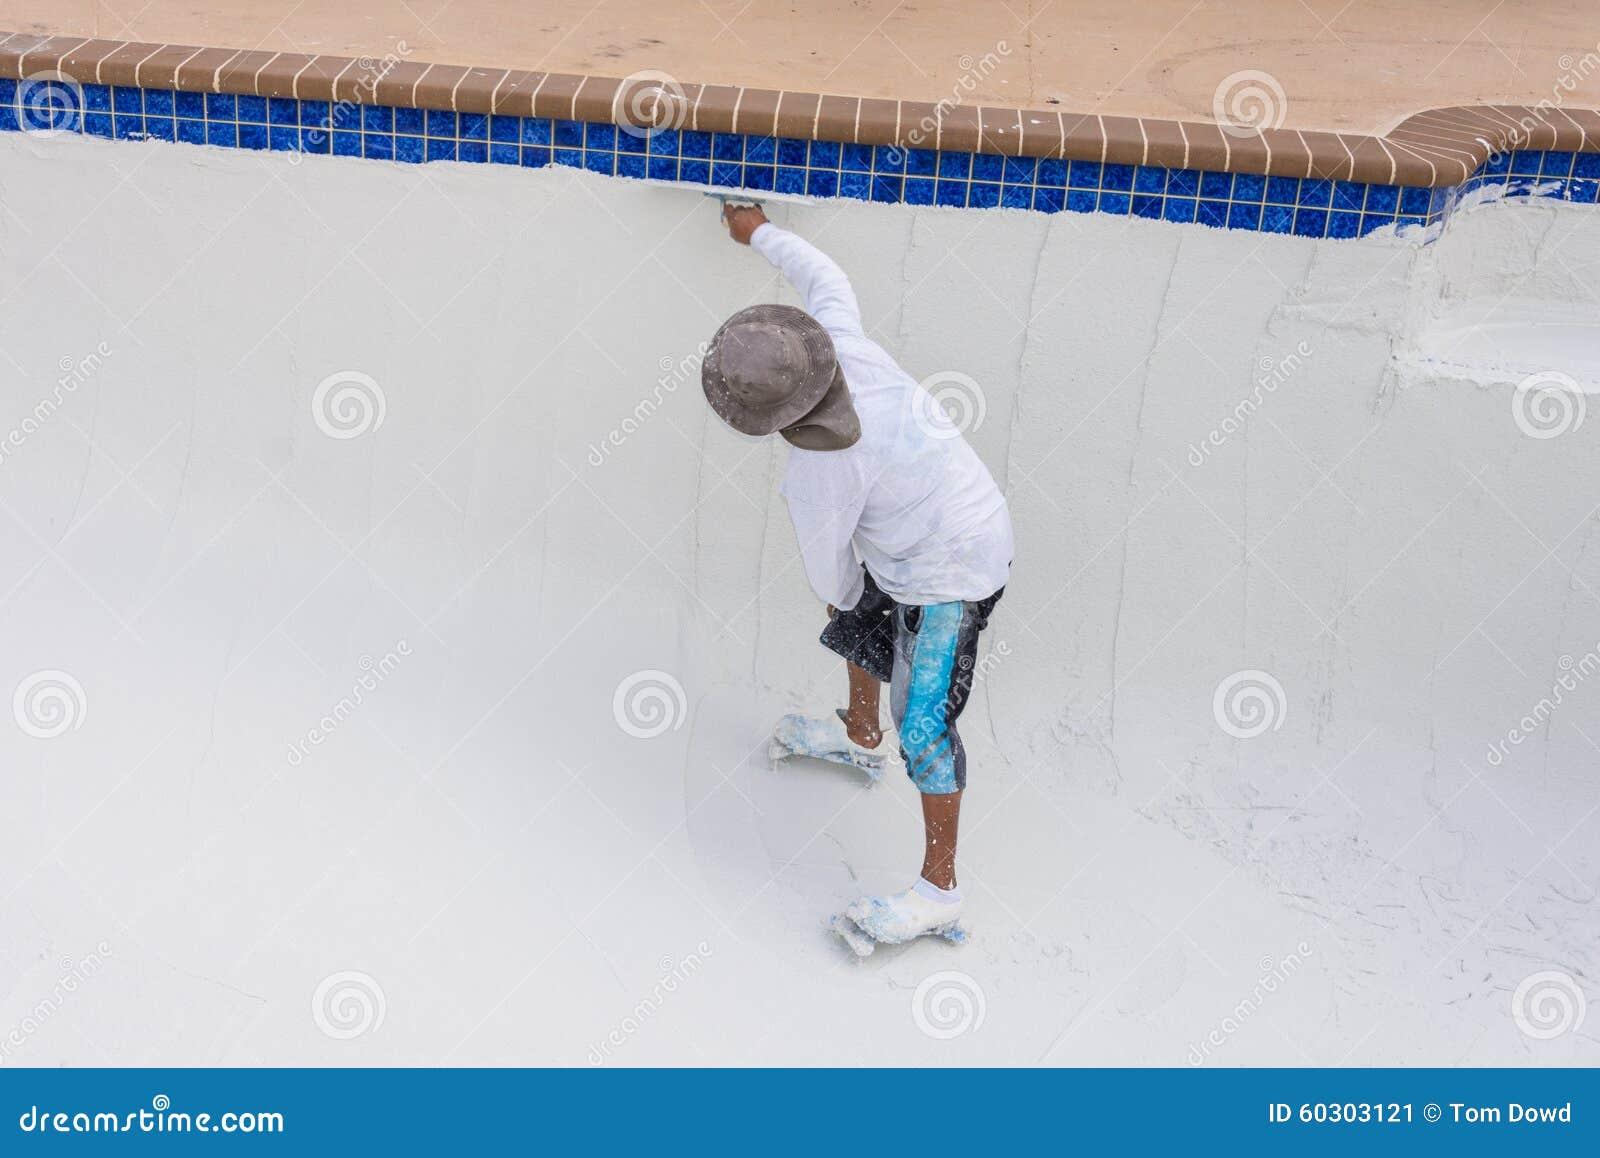 Pool Plaster Resurfacing Diamond Brite Stock Photo Image 60303121